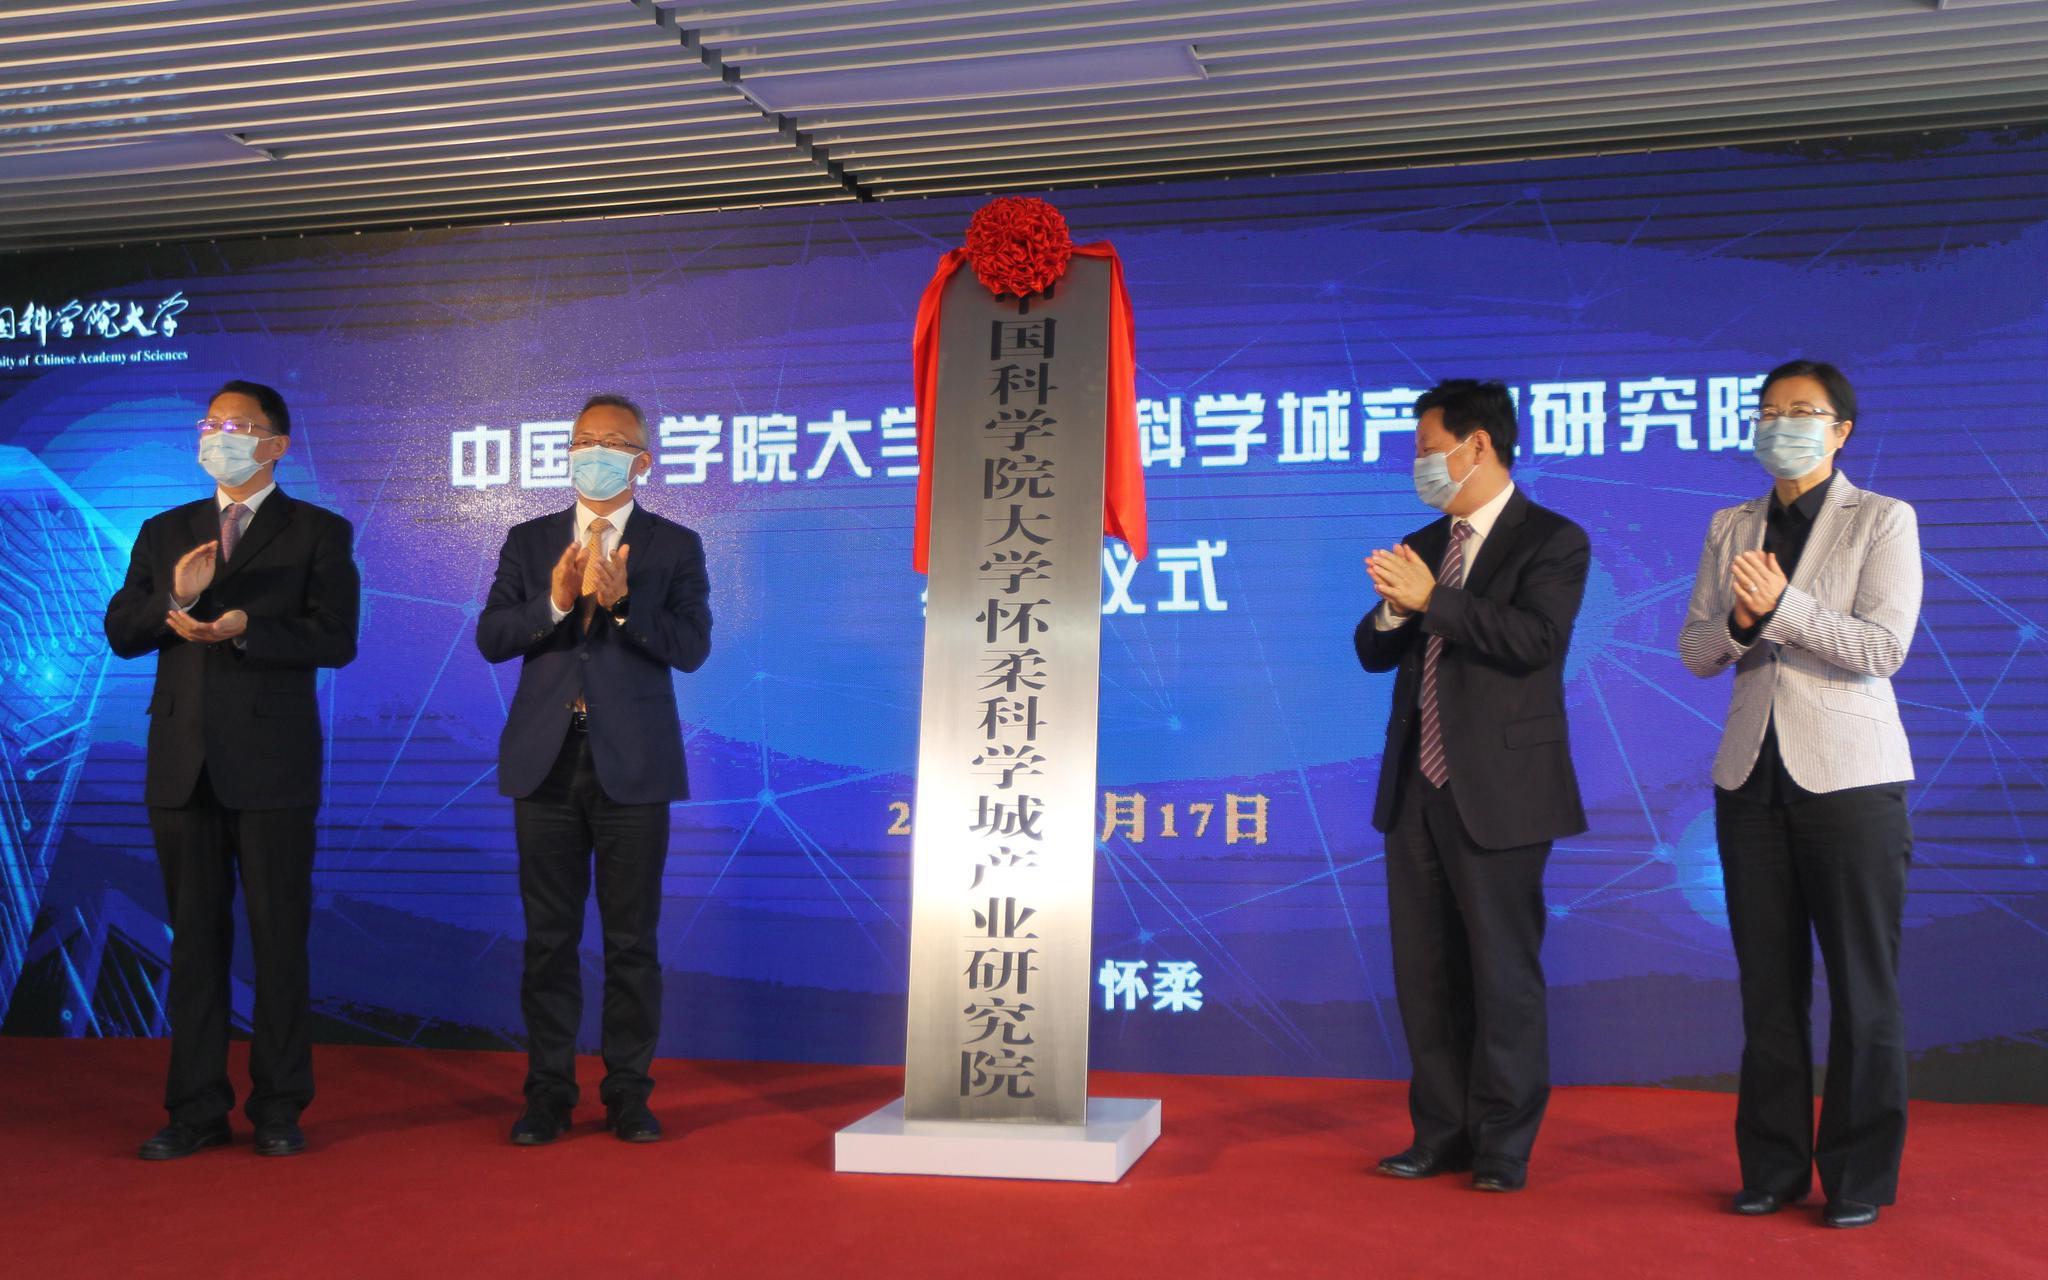 中国科学院大学怀柔科学城产业研究院挂牌图片